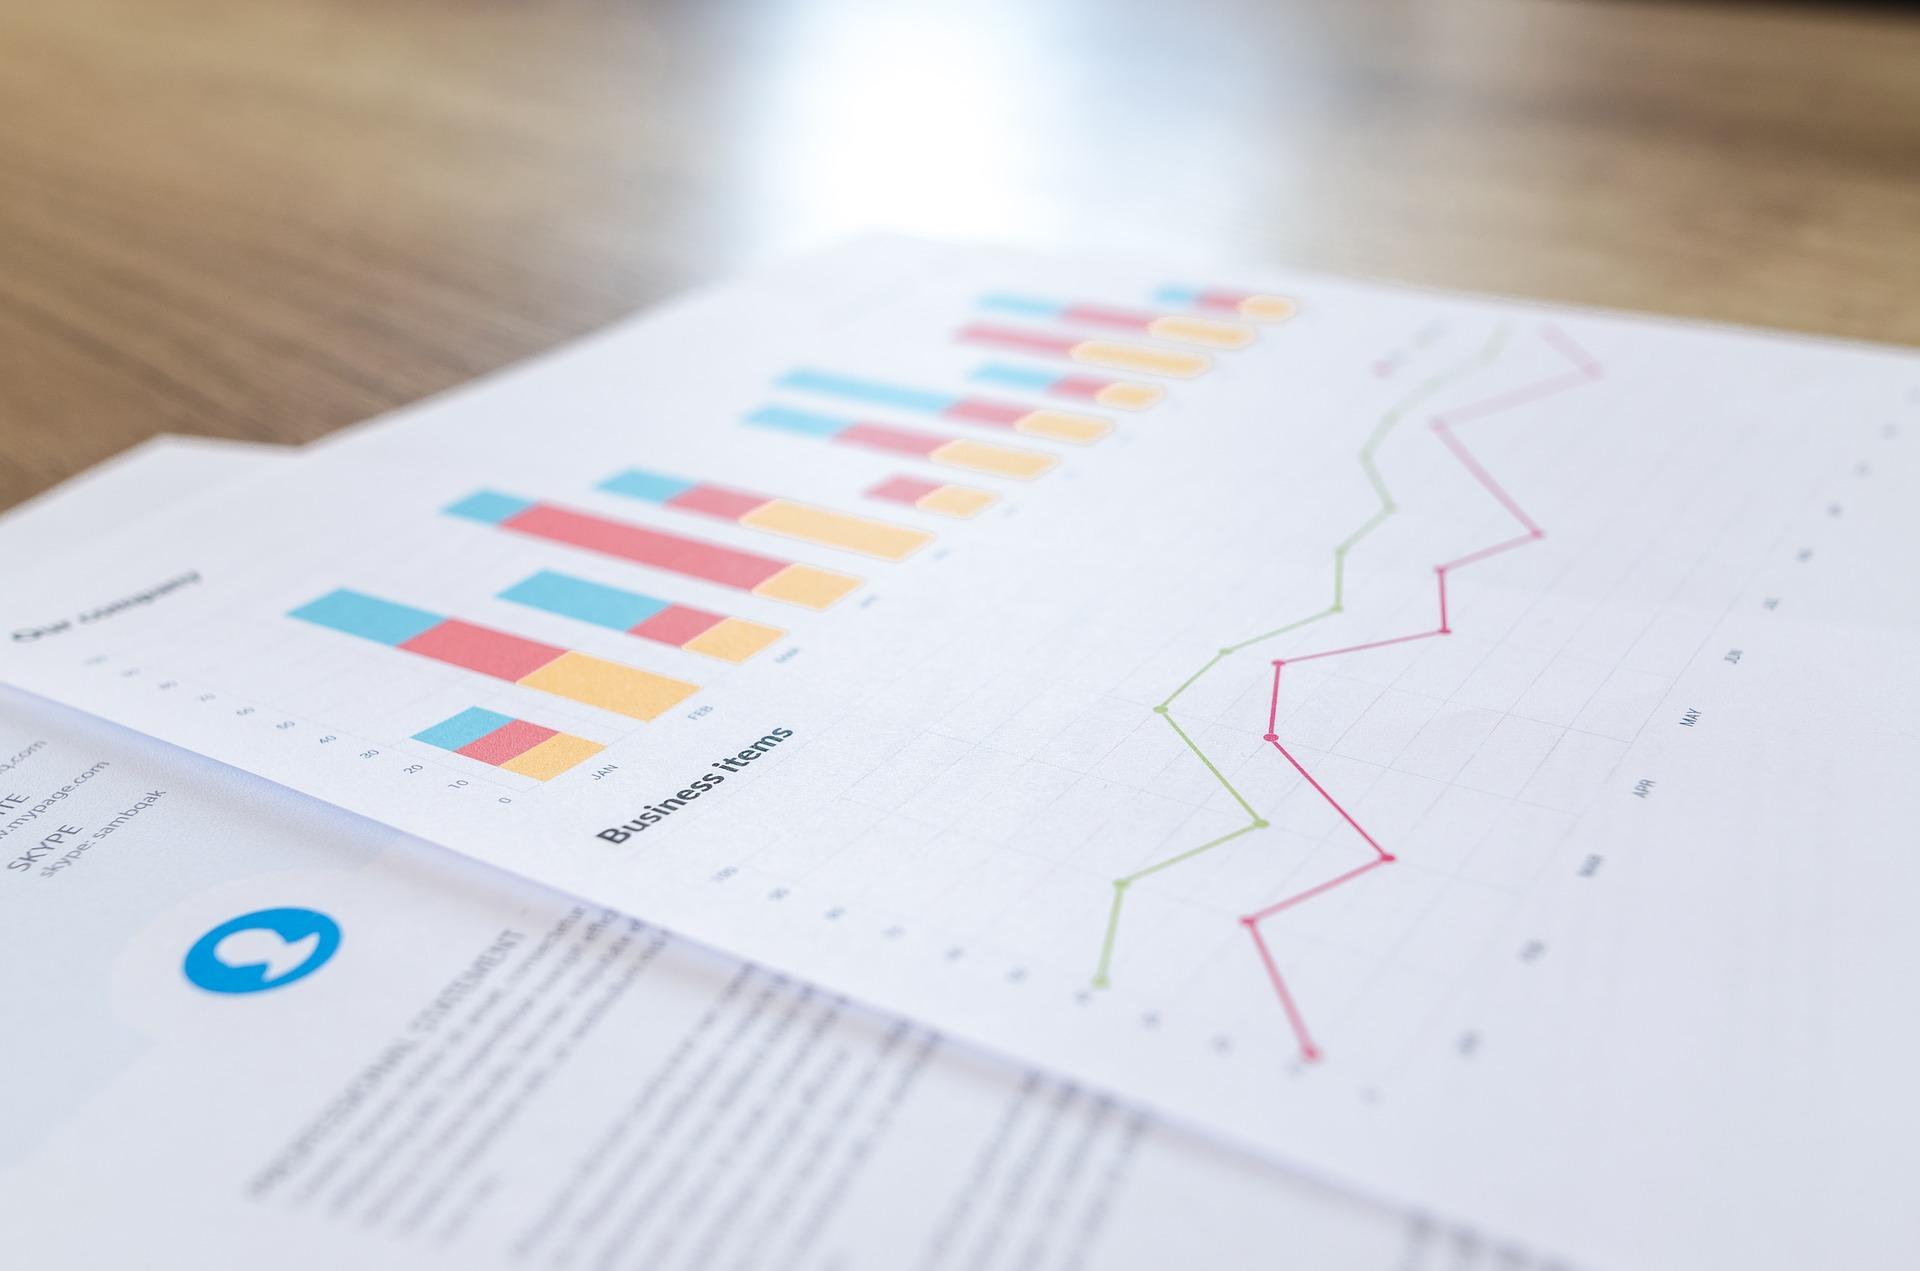 Zdjęcie wykresów planów finansowych.